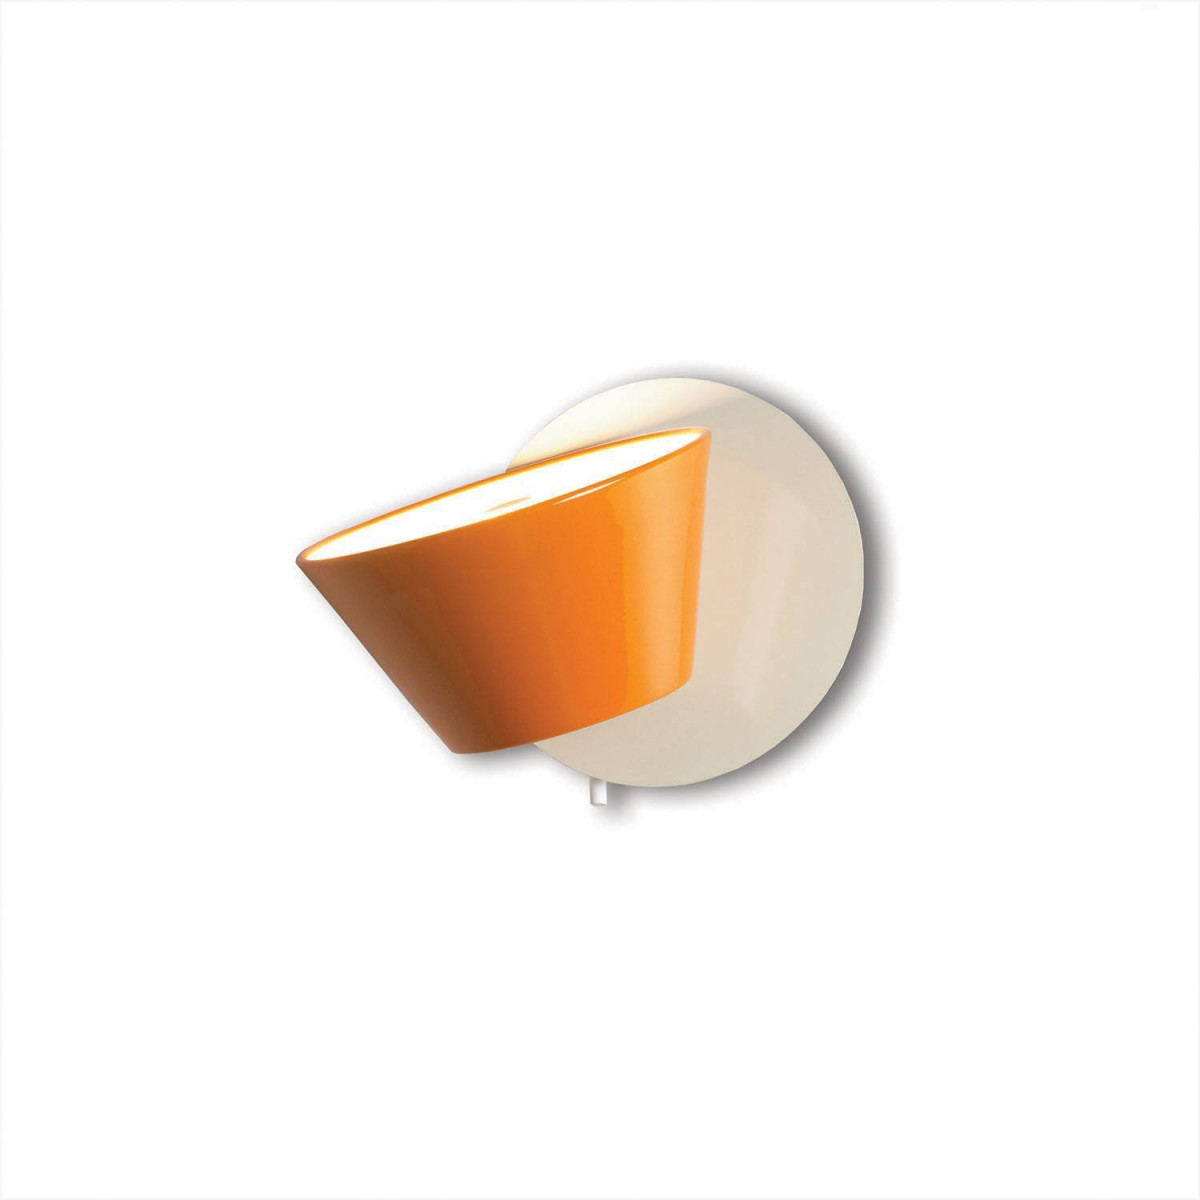 Marset Tam Tam Satelitt skjerm Orange Fri Frakt!